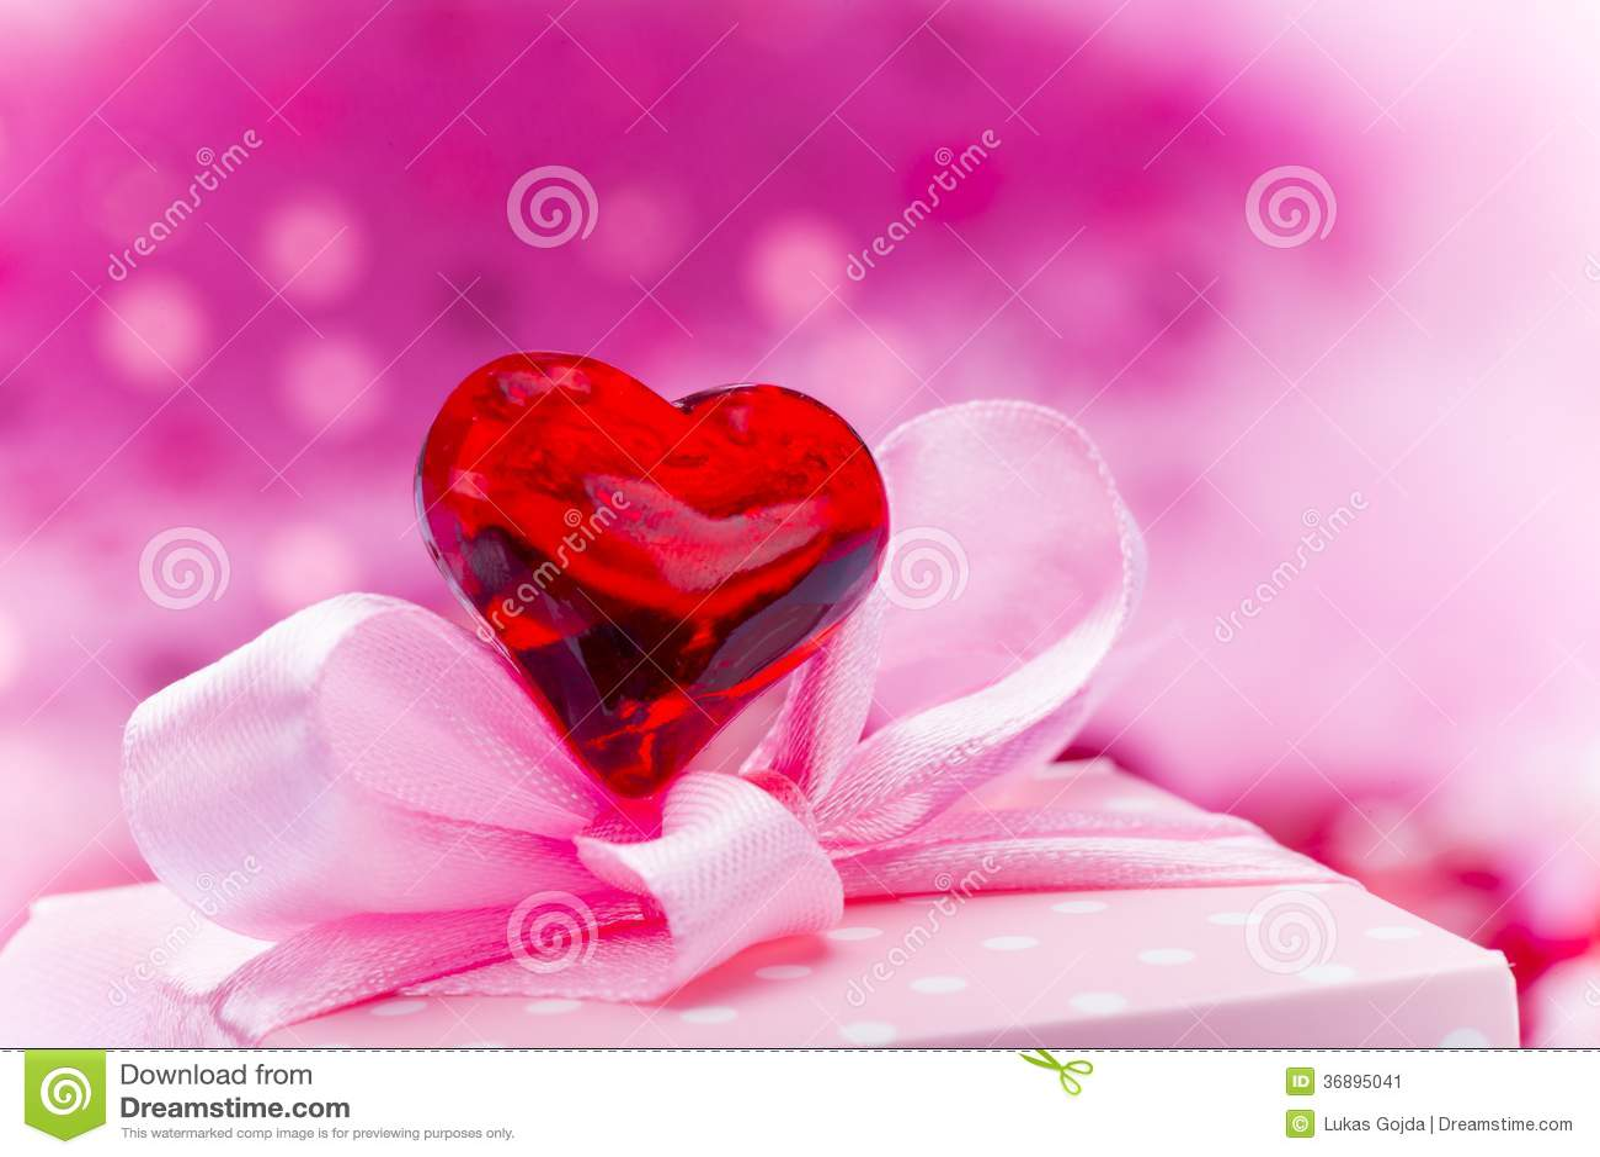 Download Fondo Di Giorno Di Valentin Immagine Stock - Immagine di disegno, celebri: 36895041